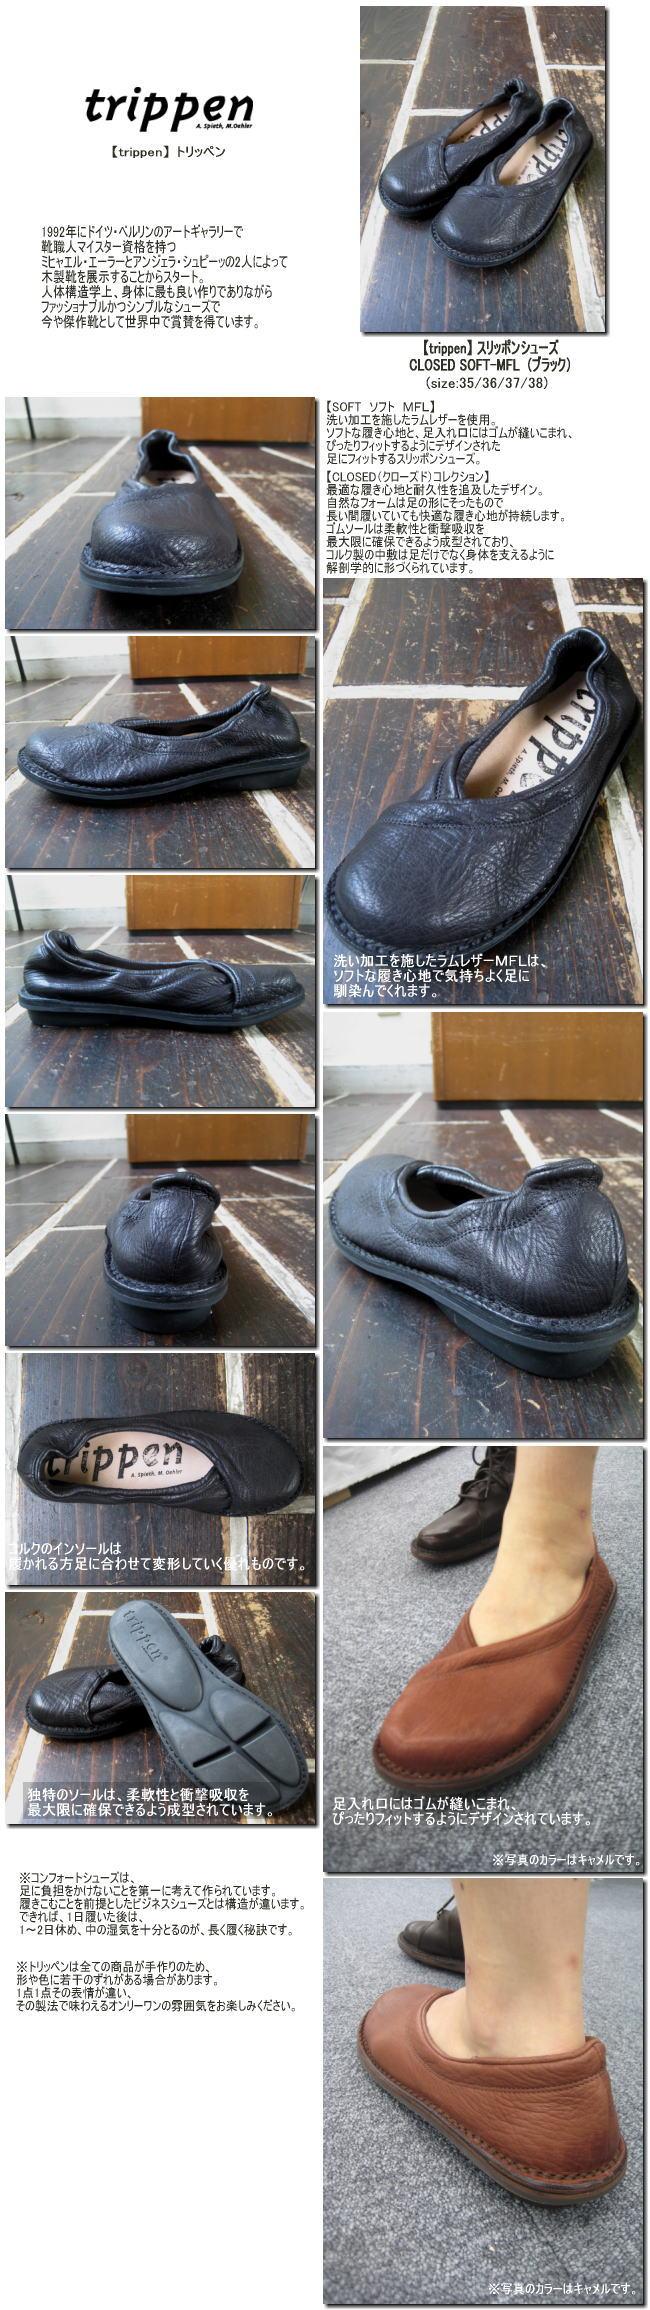 【trippen】トリッペン スリッポンシューズ CLOSED SOFT-MFL (ブラック) size:35/36/37/38